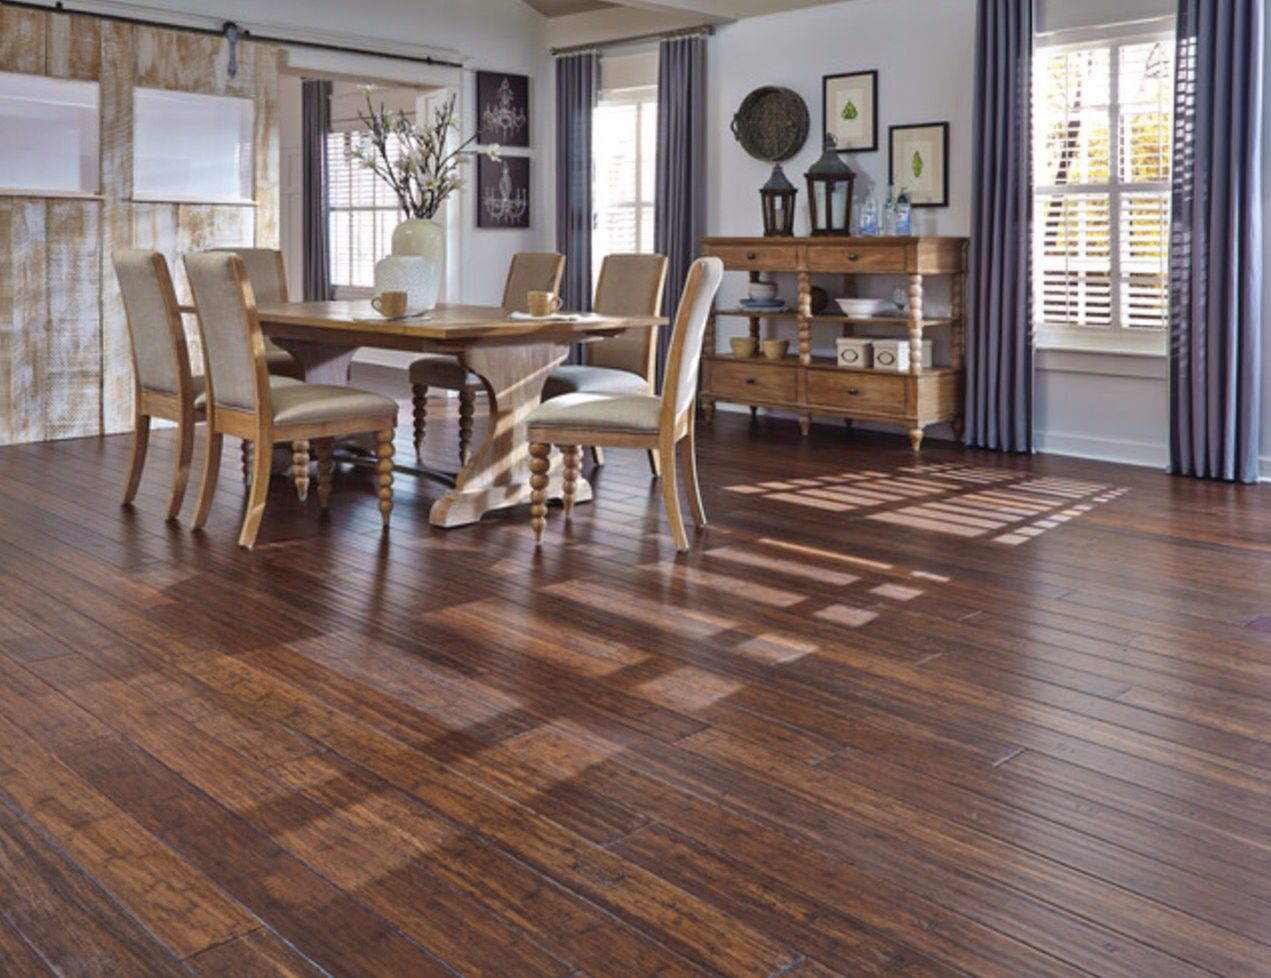 morningstar antique hazel bamboo flooring Flooring